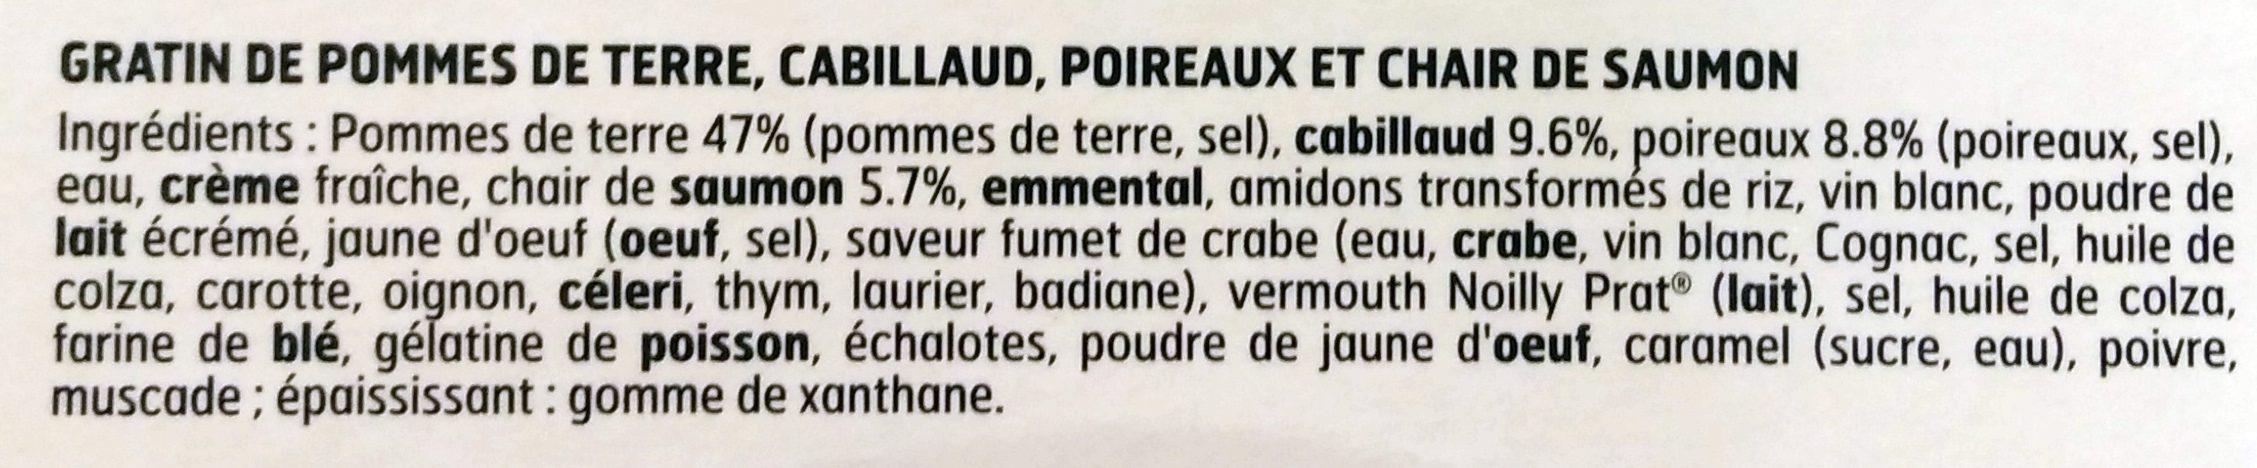 Gratin de Poisson pommes de terre et poireaux - Ingrédients - fr